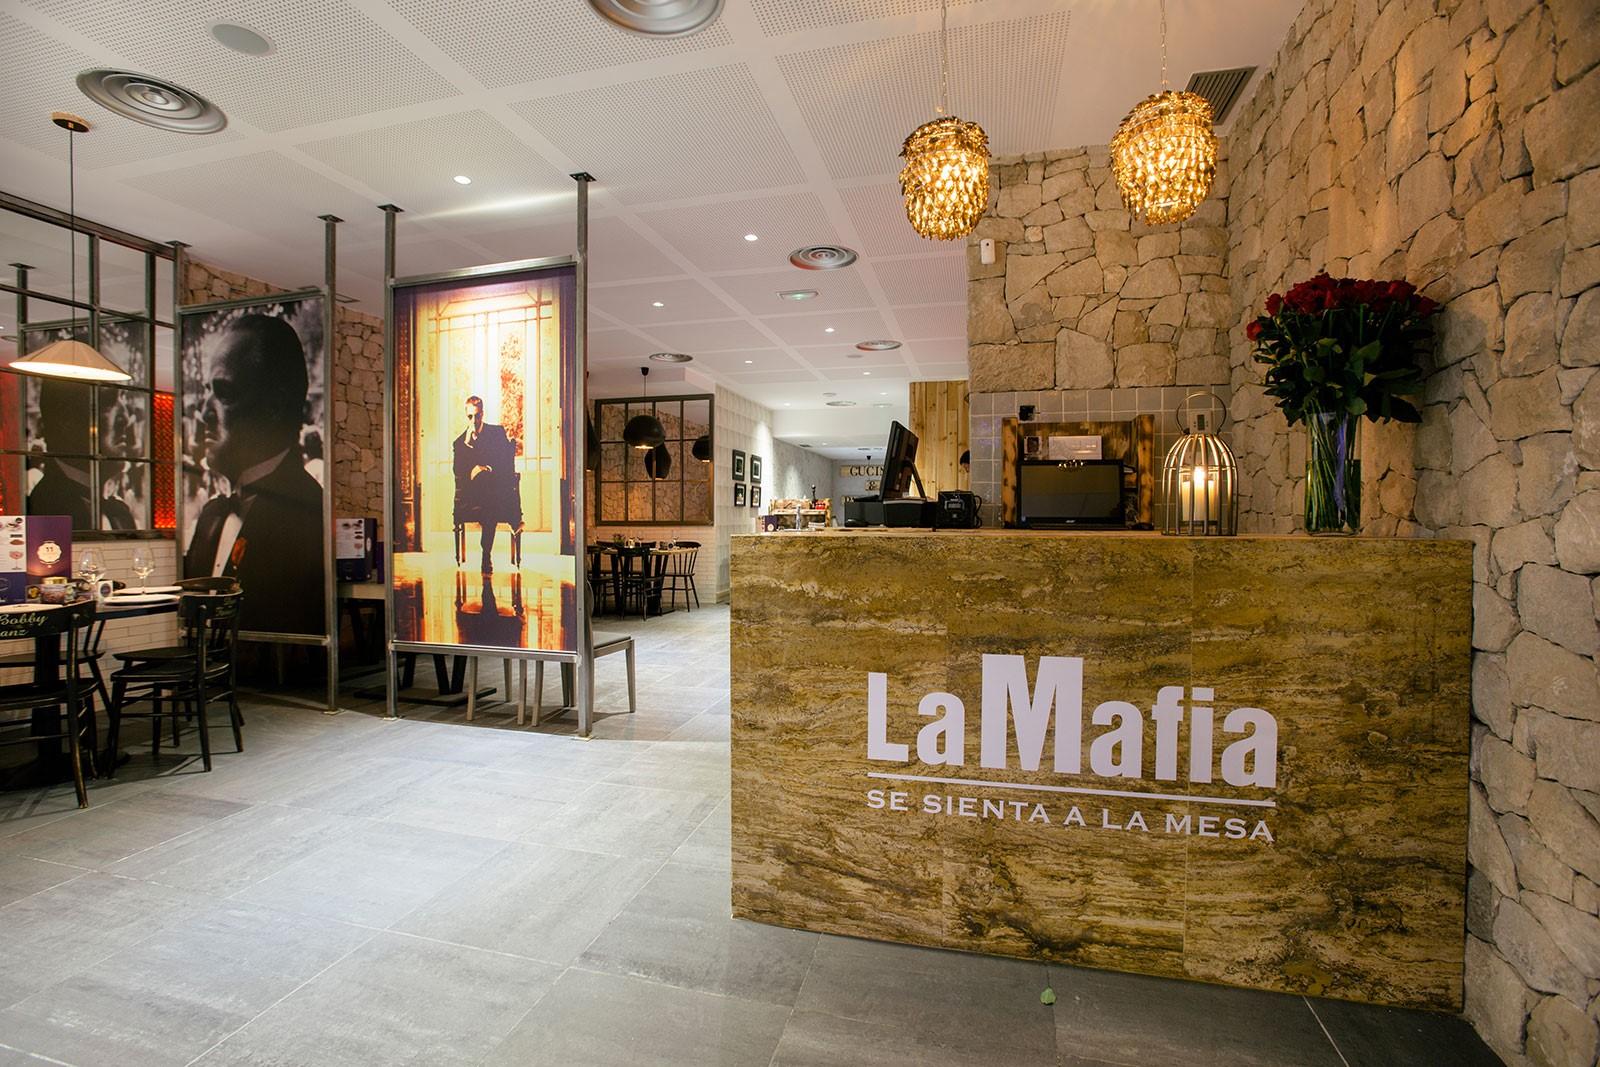 Las mejores pizzas de San Sebasti  n - Las mejores pizzas de San Sebastián, en La Mafia se sienta a la Mesa